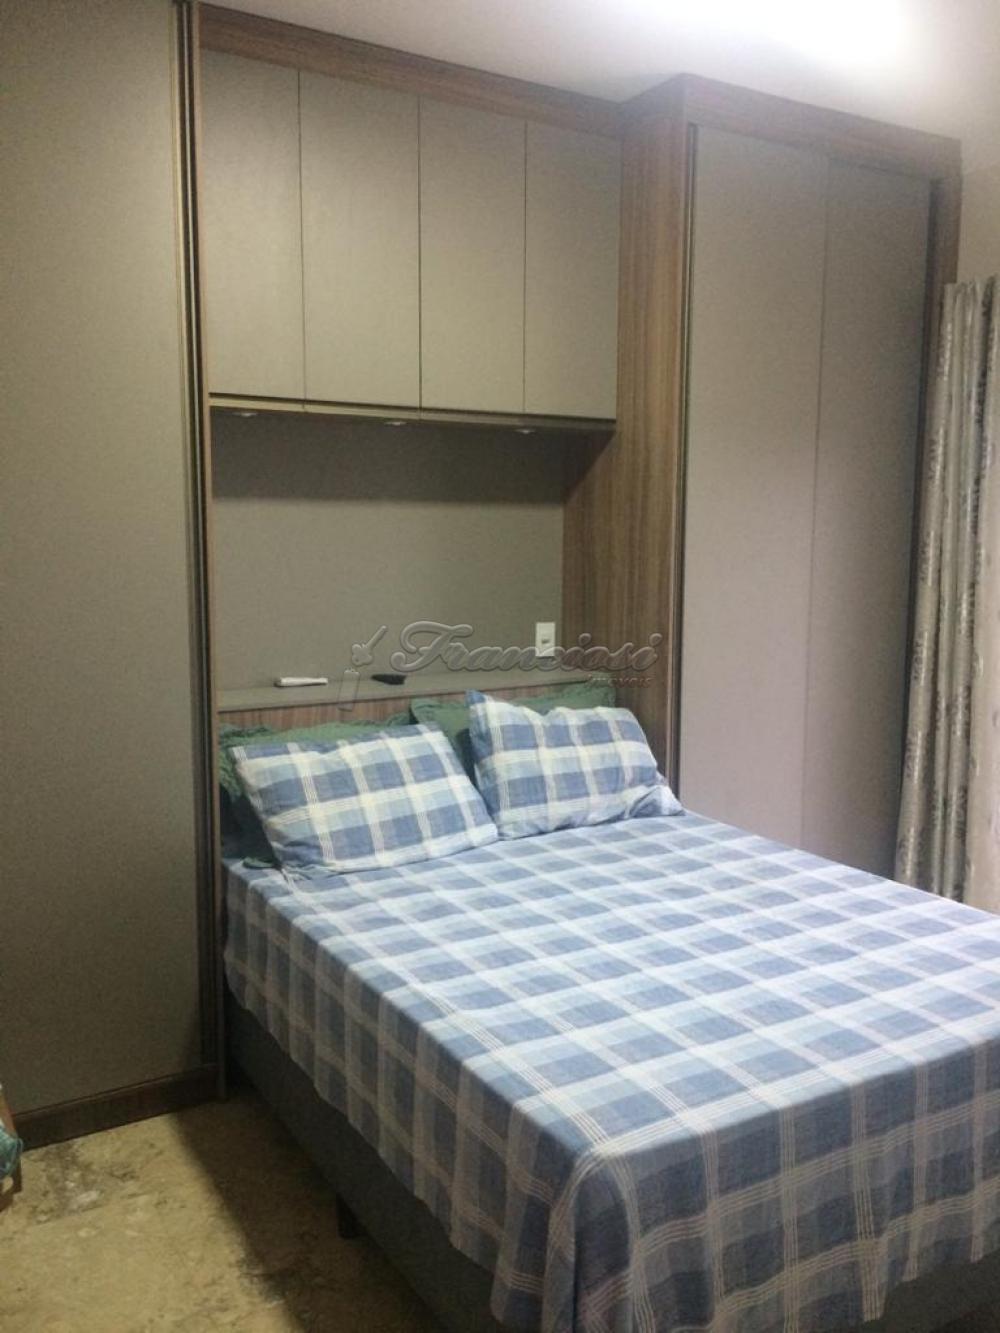 Comprar Casa / Condomínio em Paranapanema apenas R$ 1.250.000,00 - Foto 8